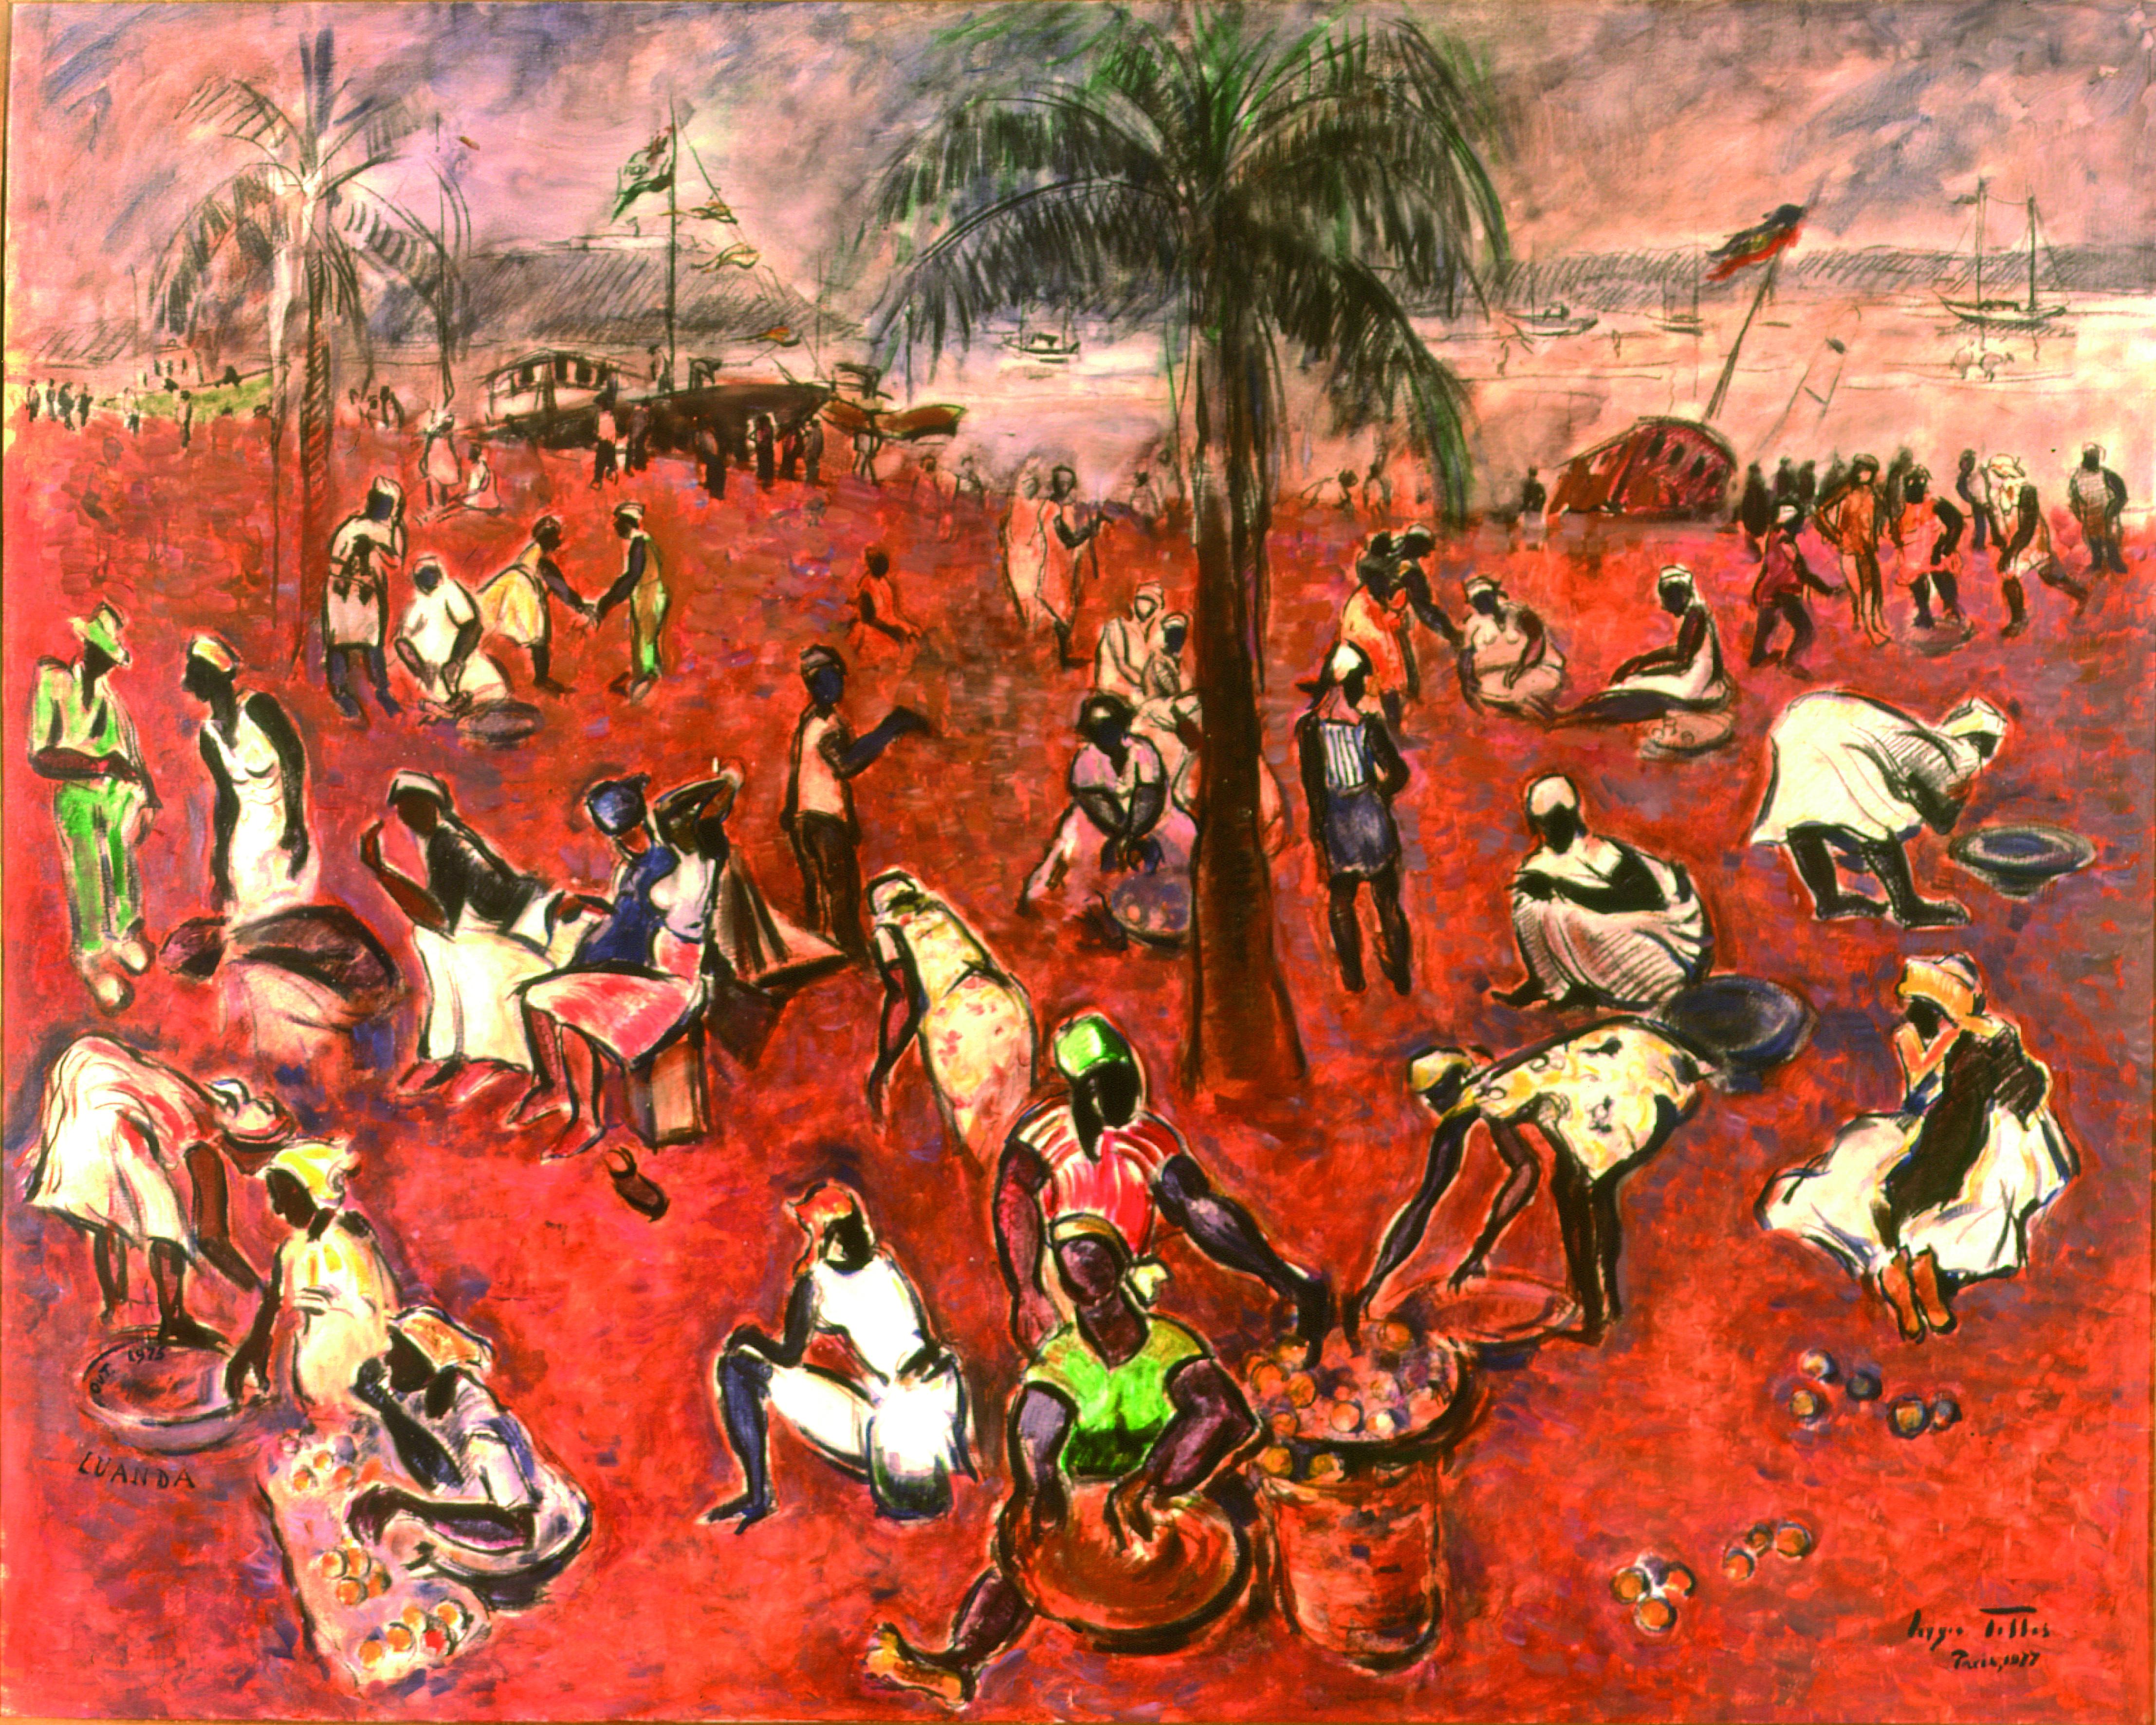 Mercado de Luanda Autor: Sérgio Telles Ano: 1975 Técnica: Óleo sobre tela Dimensões: 132cm x ,64cm